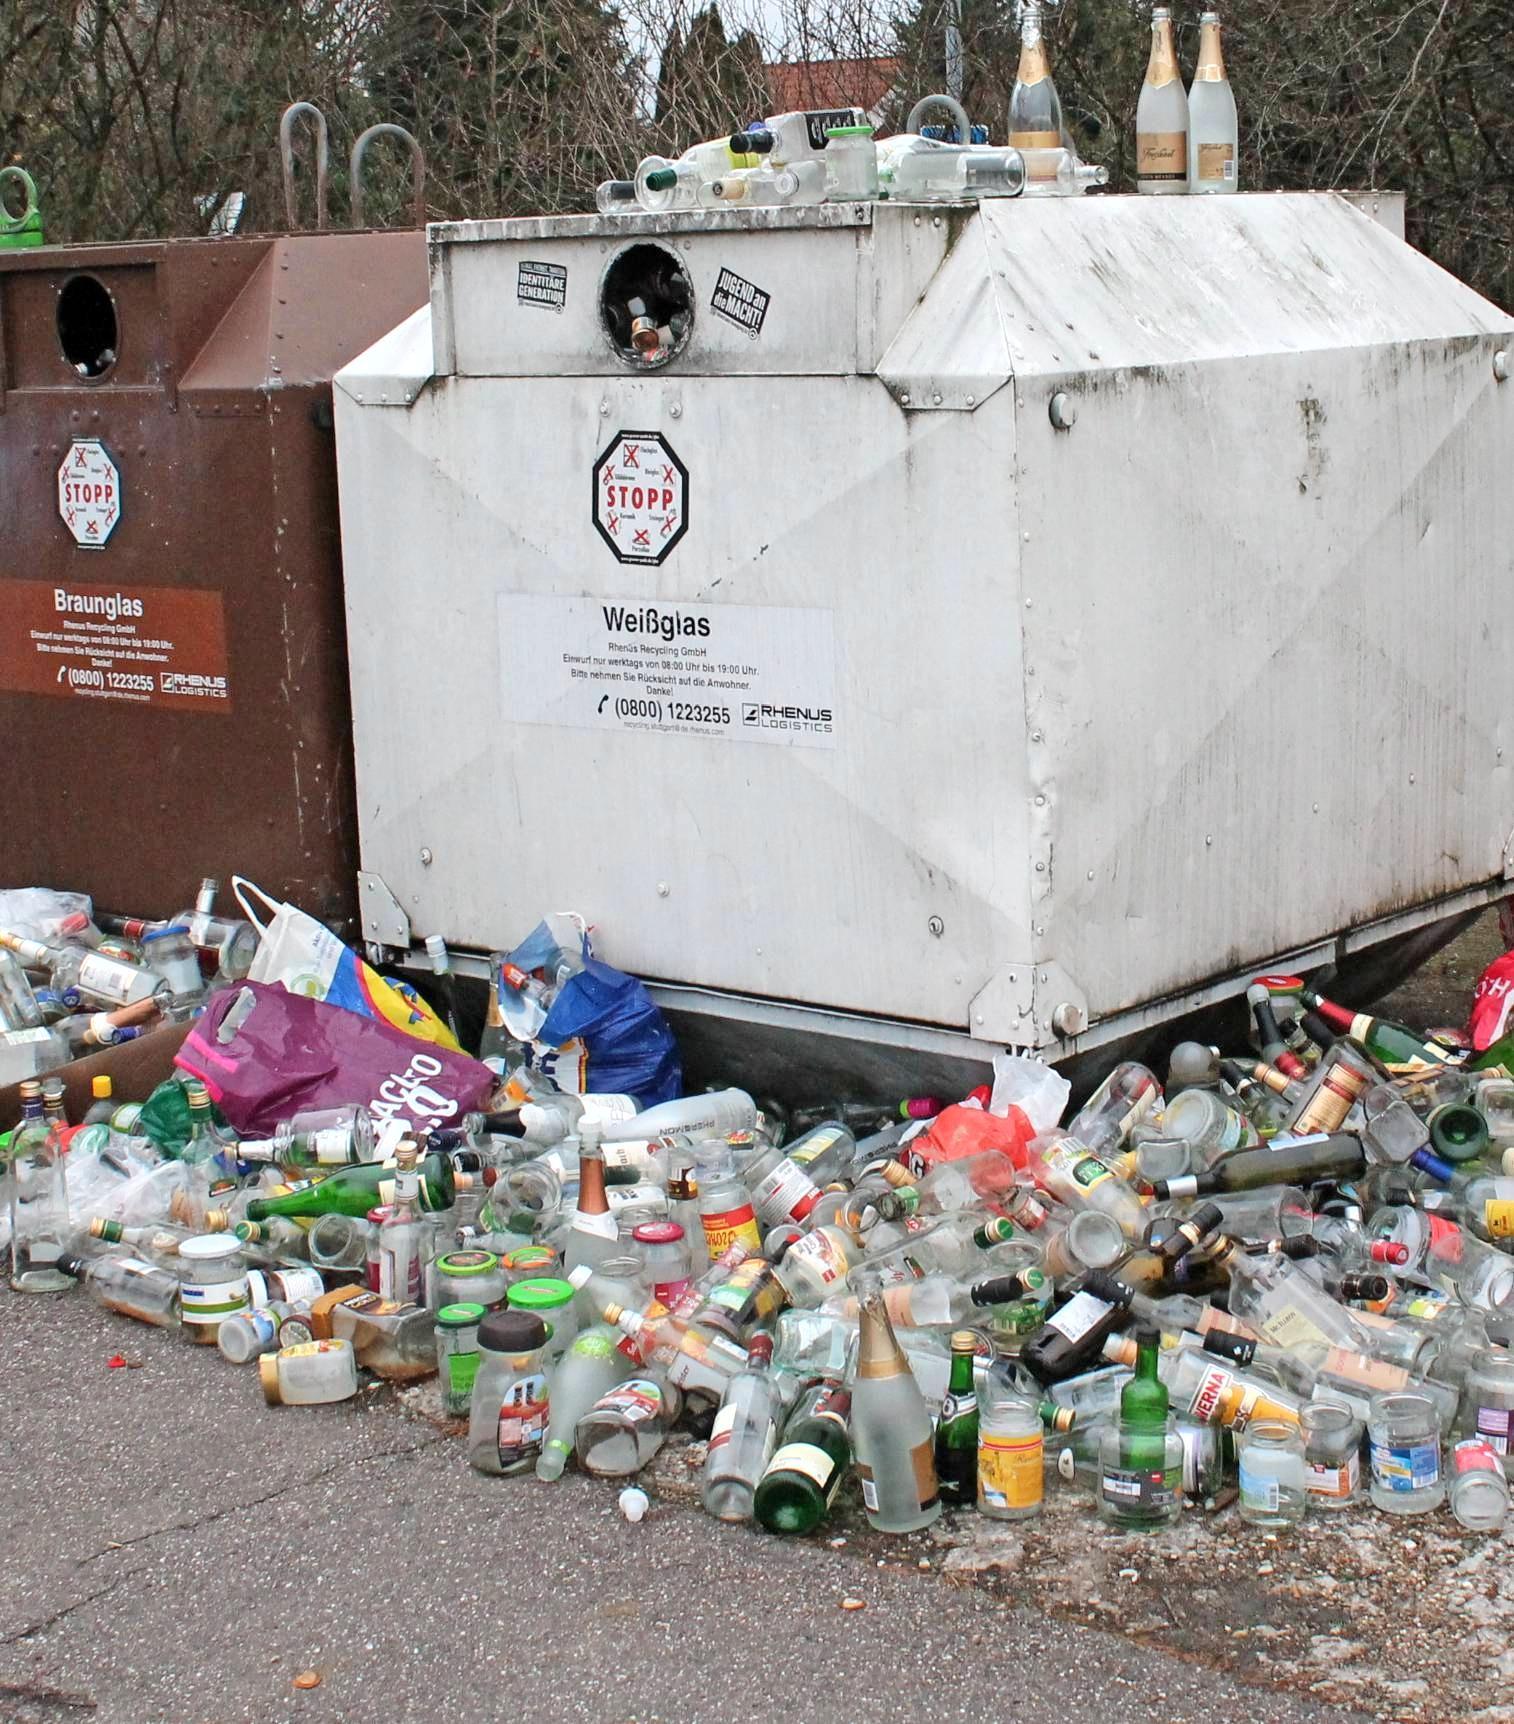 Containerstandorte verwandeln sich zunehmend in wilde Müllkippen. In Neckarsulm will die Verwaltung jetzt mit höheren Bußgeldern dagegen vorgehen. Foto: privat